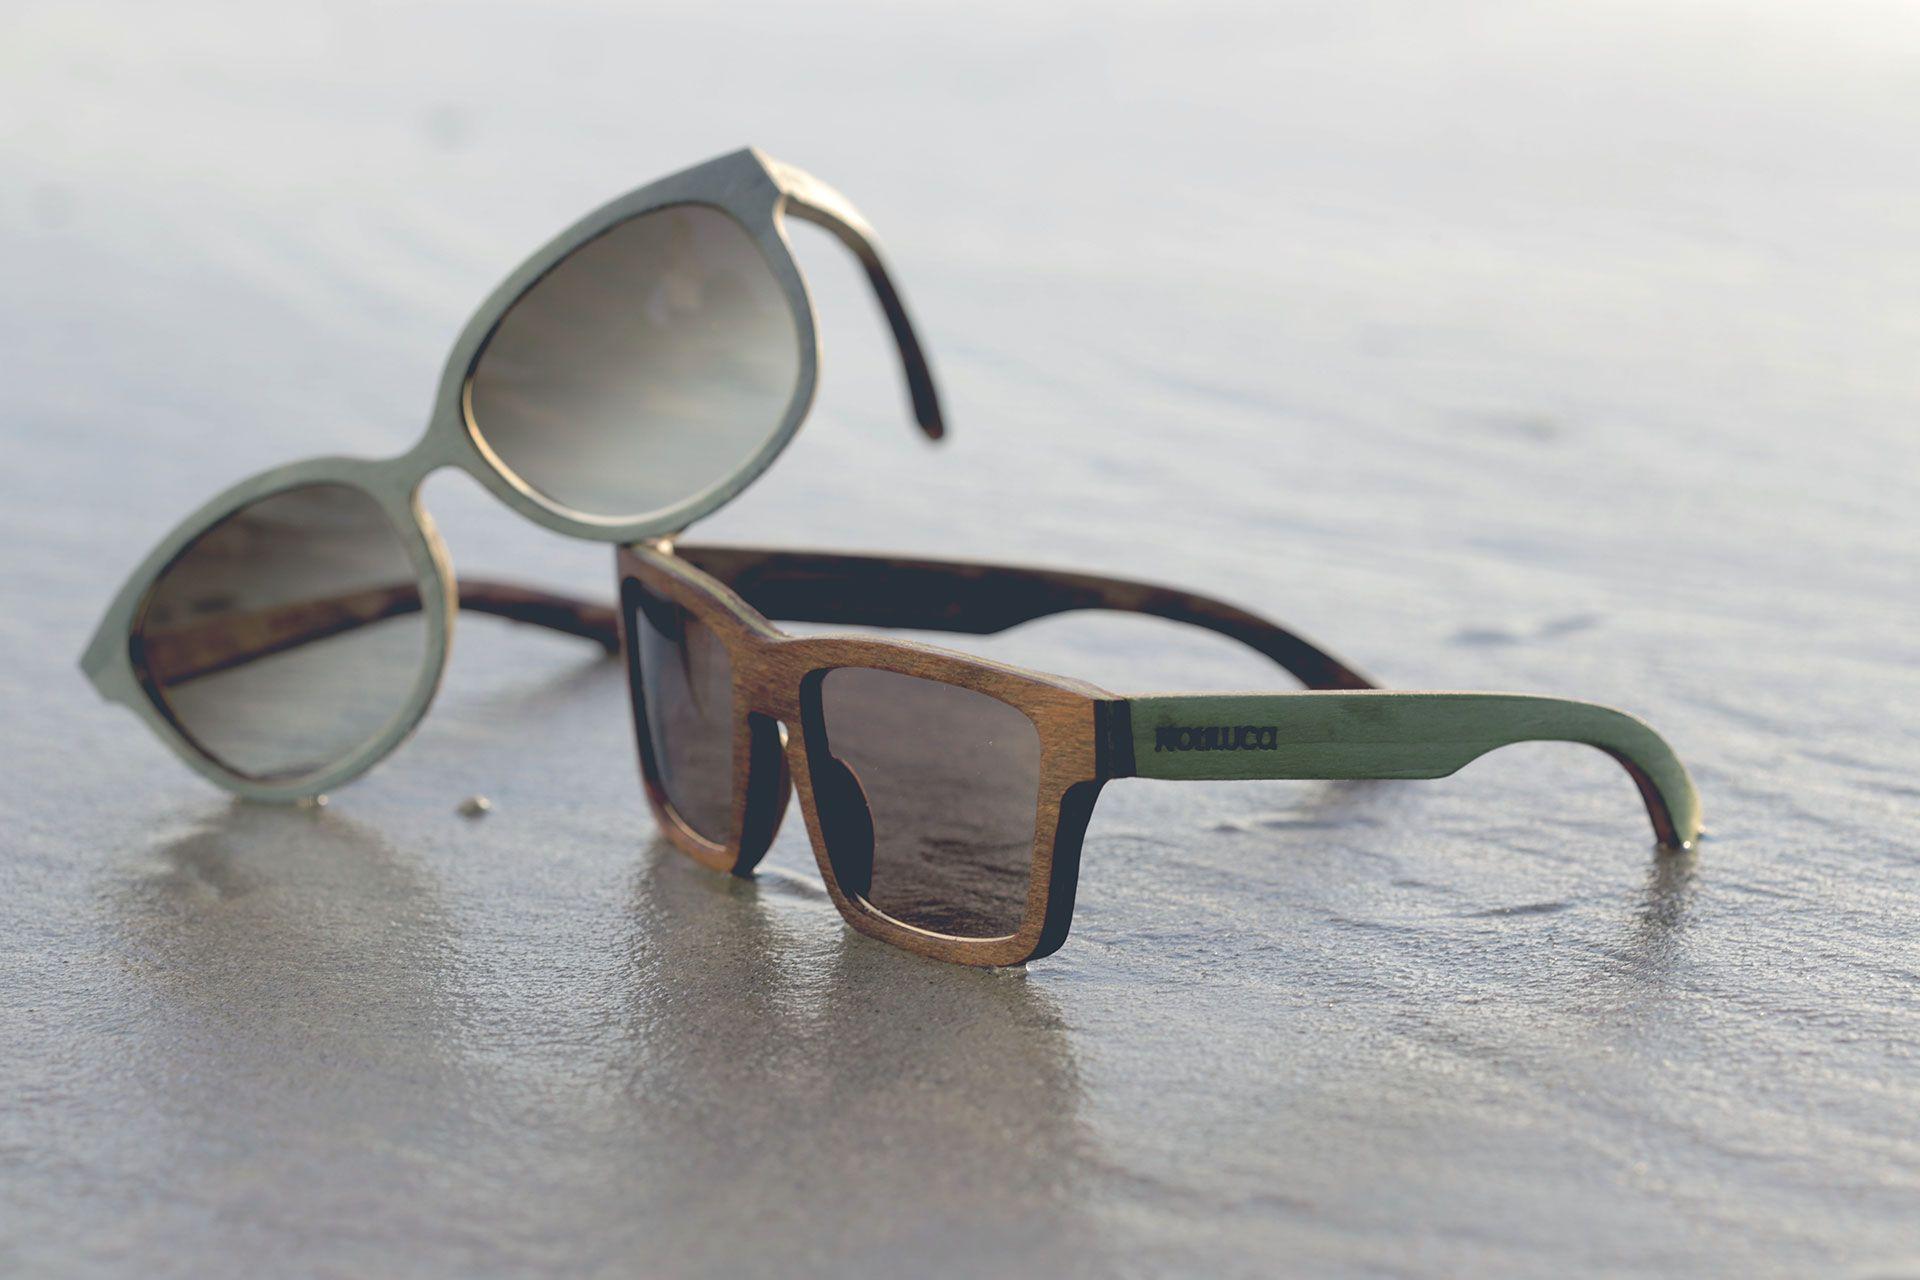 Coleção Verão 2014 da Notiluca - Óculos de madeira feitos à mão: www.notiluca.com.br/loja